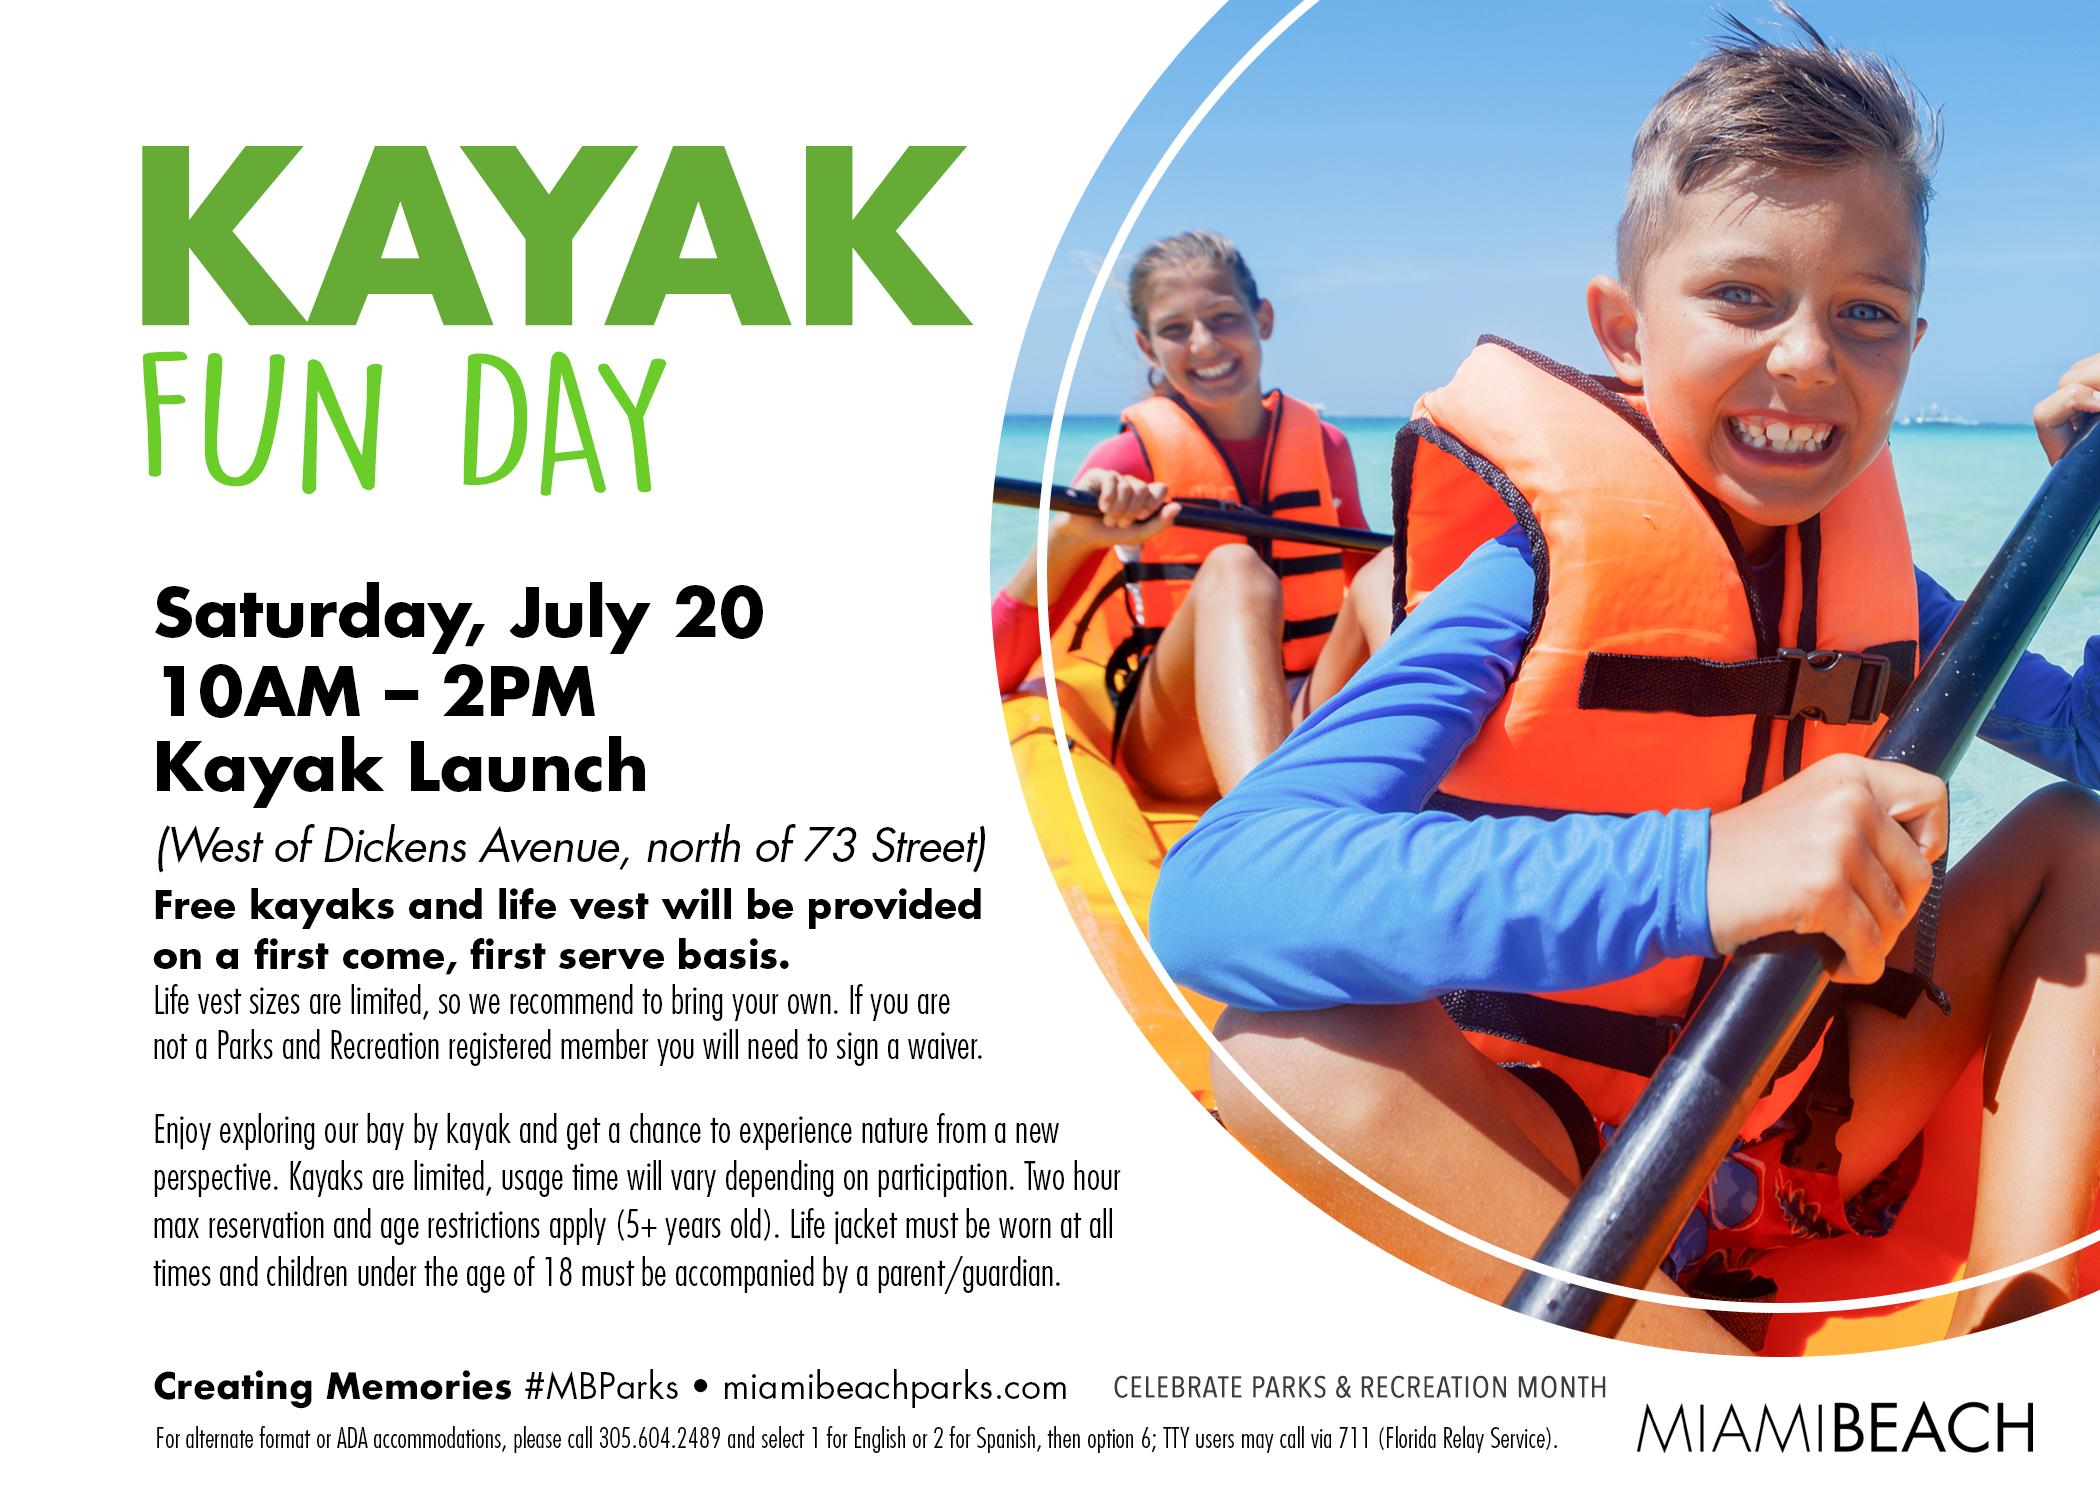 Kayak Fun Day